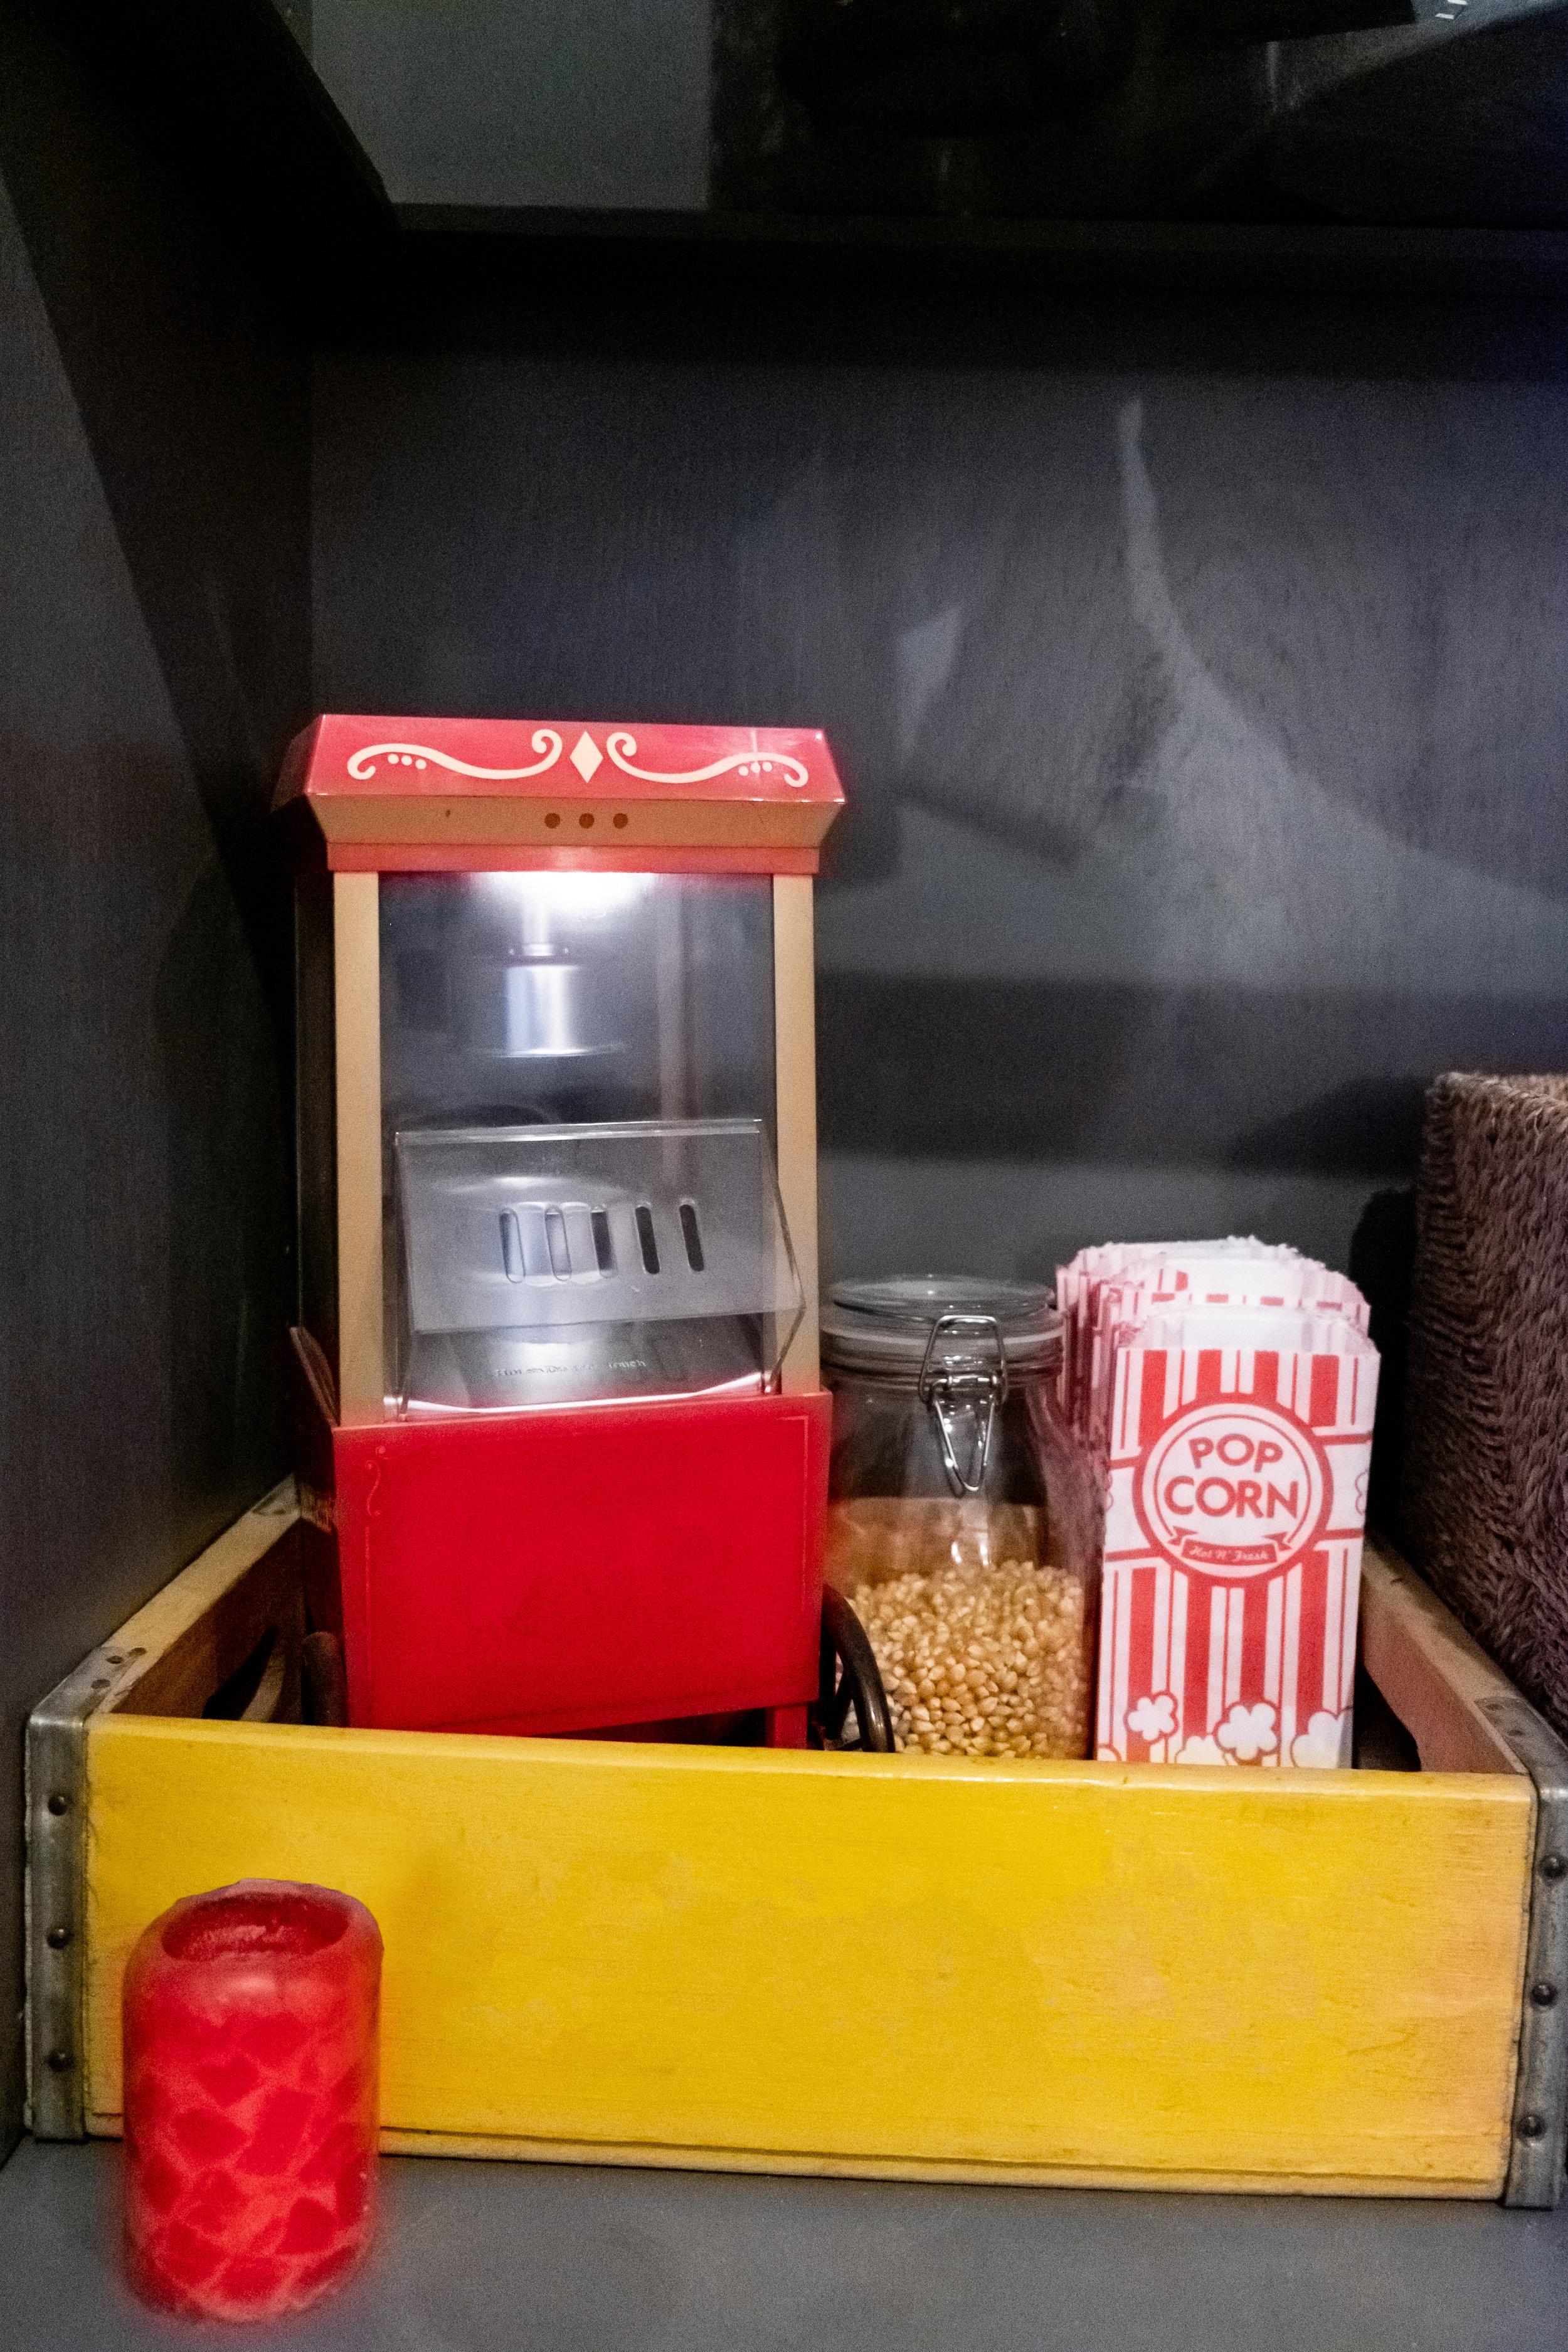 popcorn station, movie theatre media room, living room, red popcorn maker